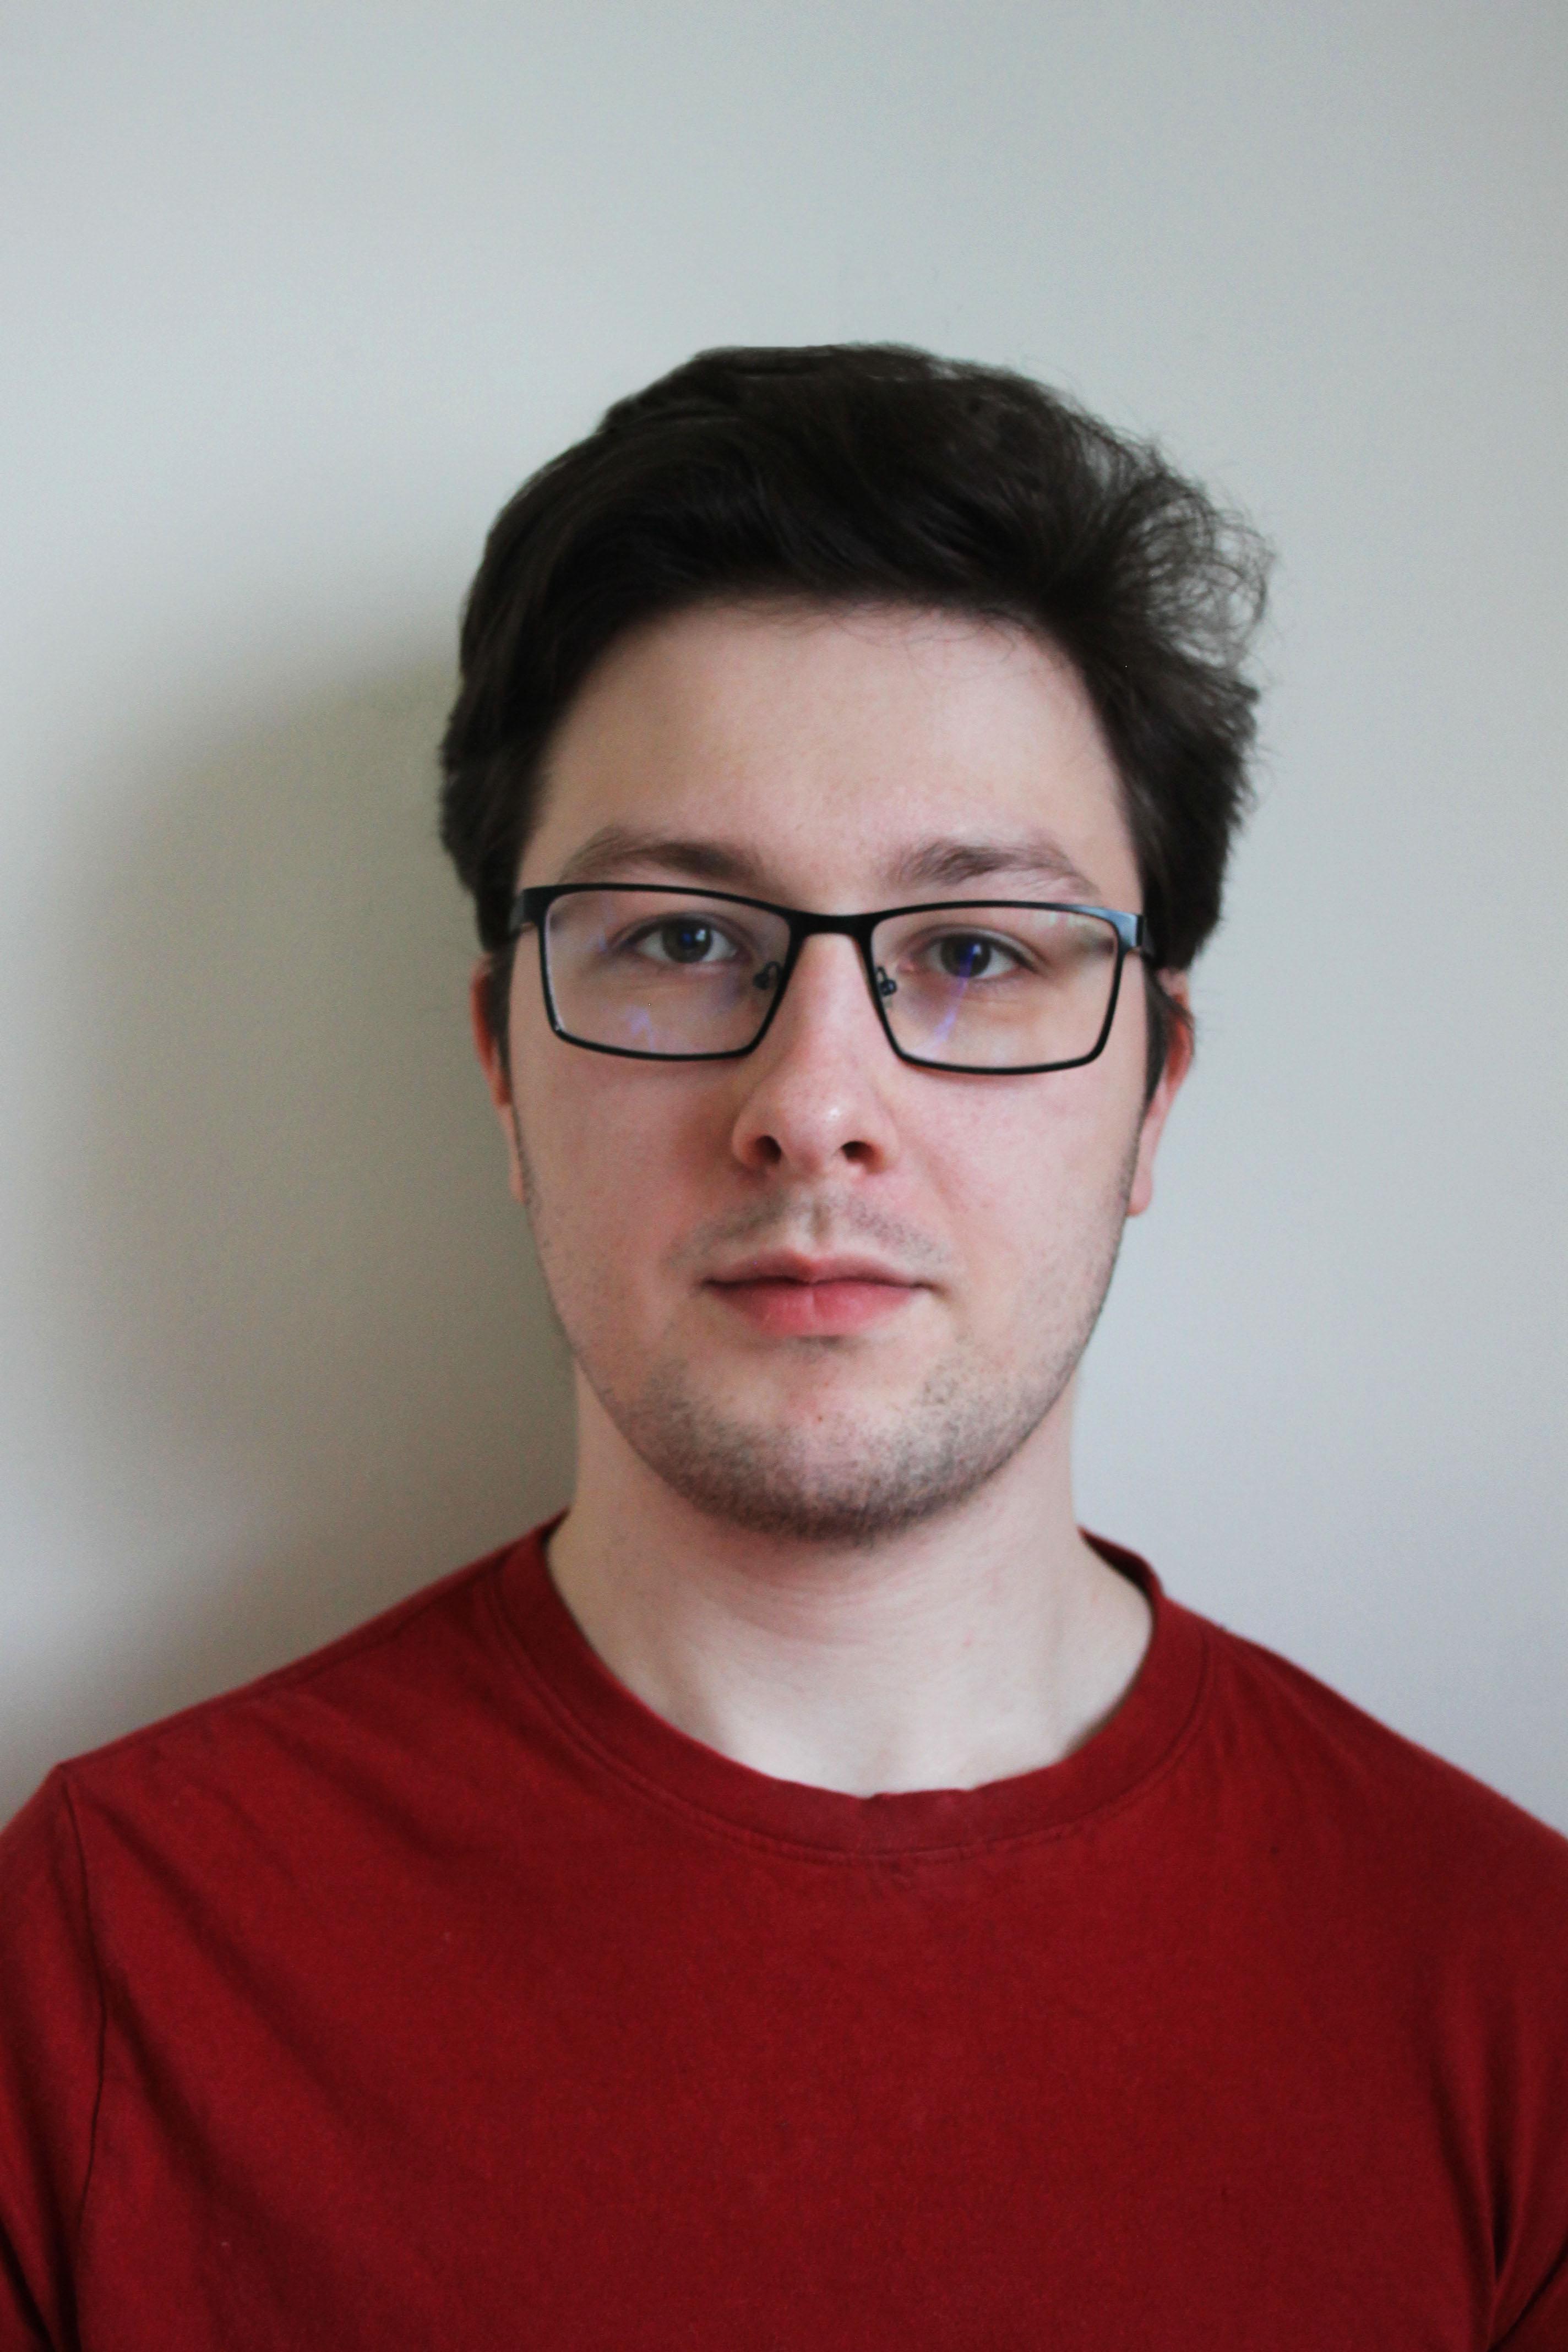 Przemyslaw Zielinski